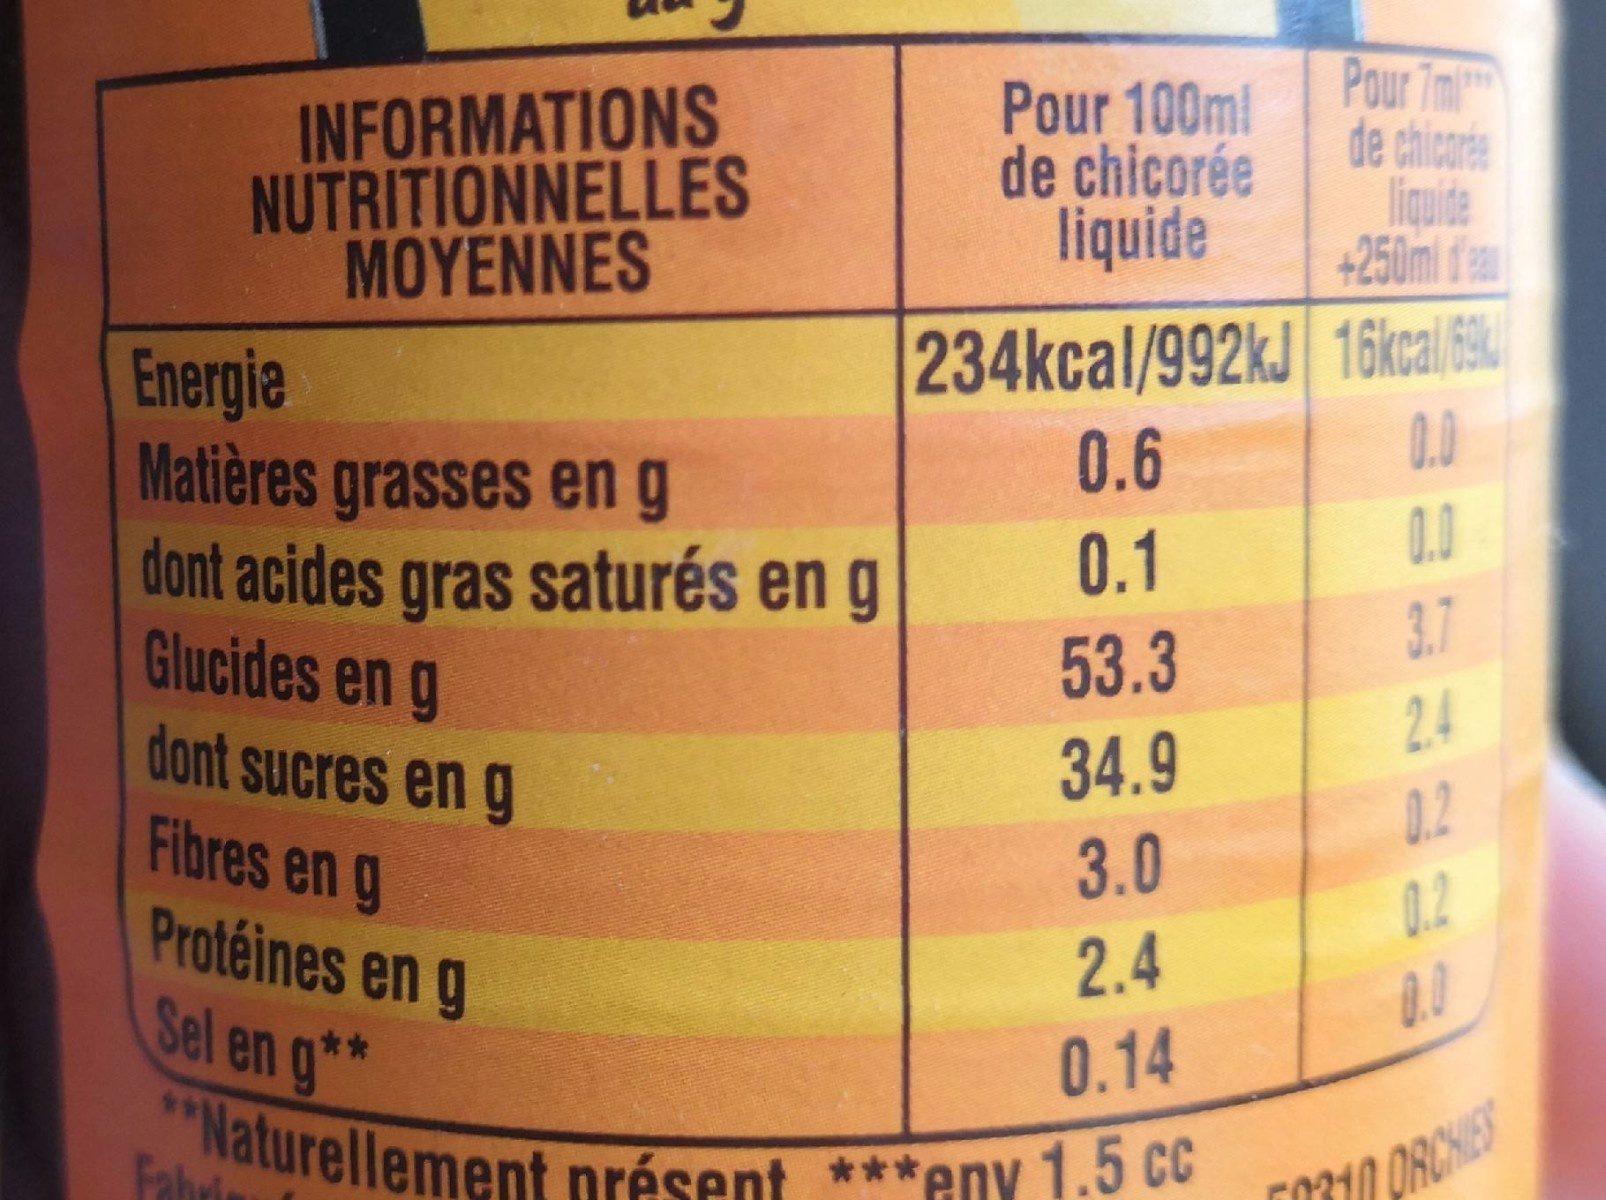 Chicorée liquide - Informations nutritionnelles - fr